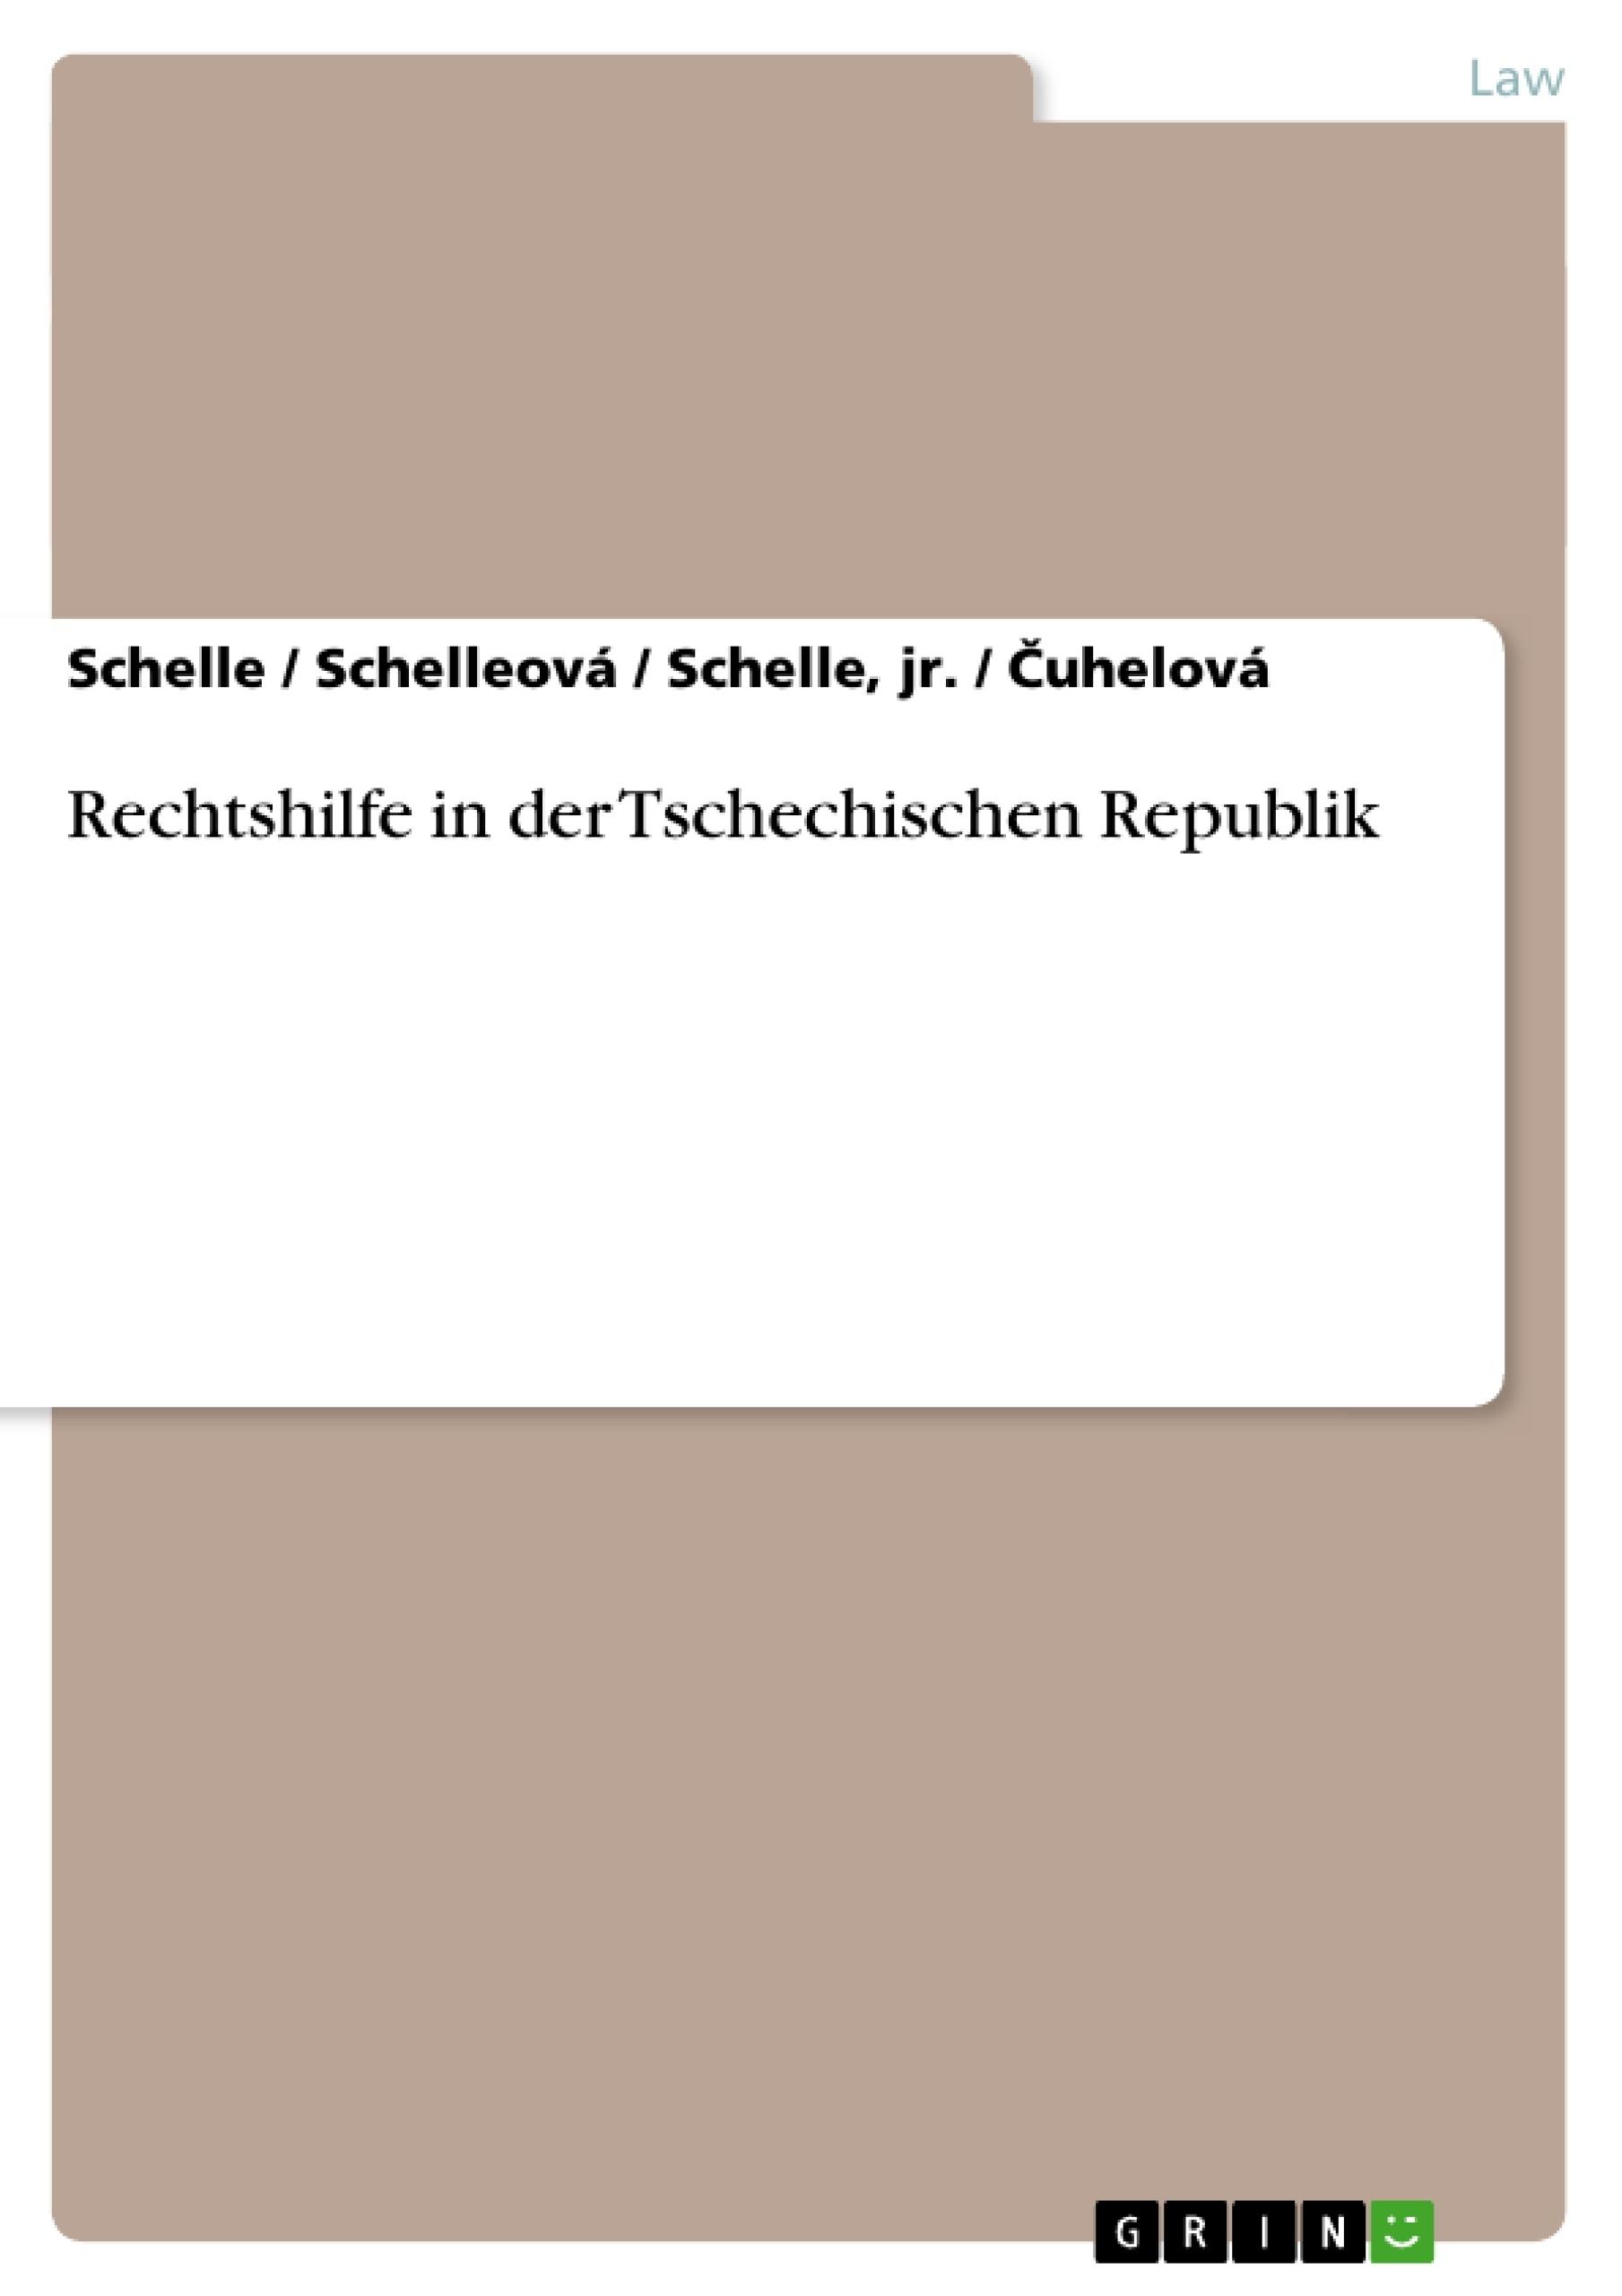 Title: Rechtshilfe in der Tschechischen Republik